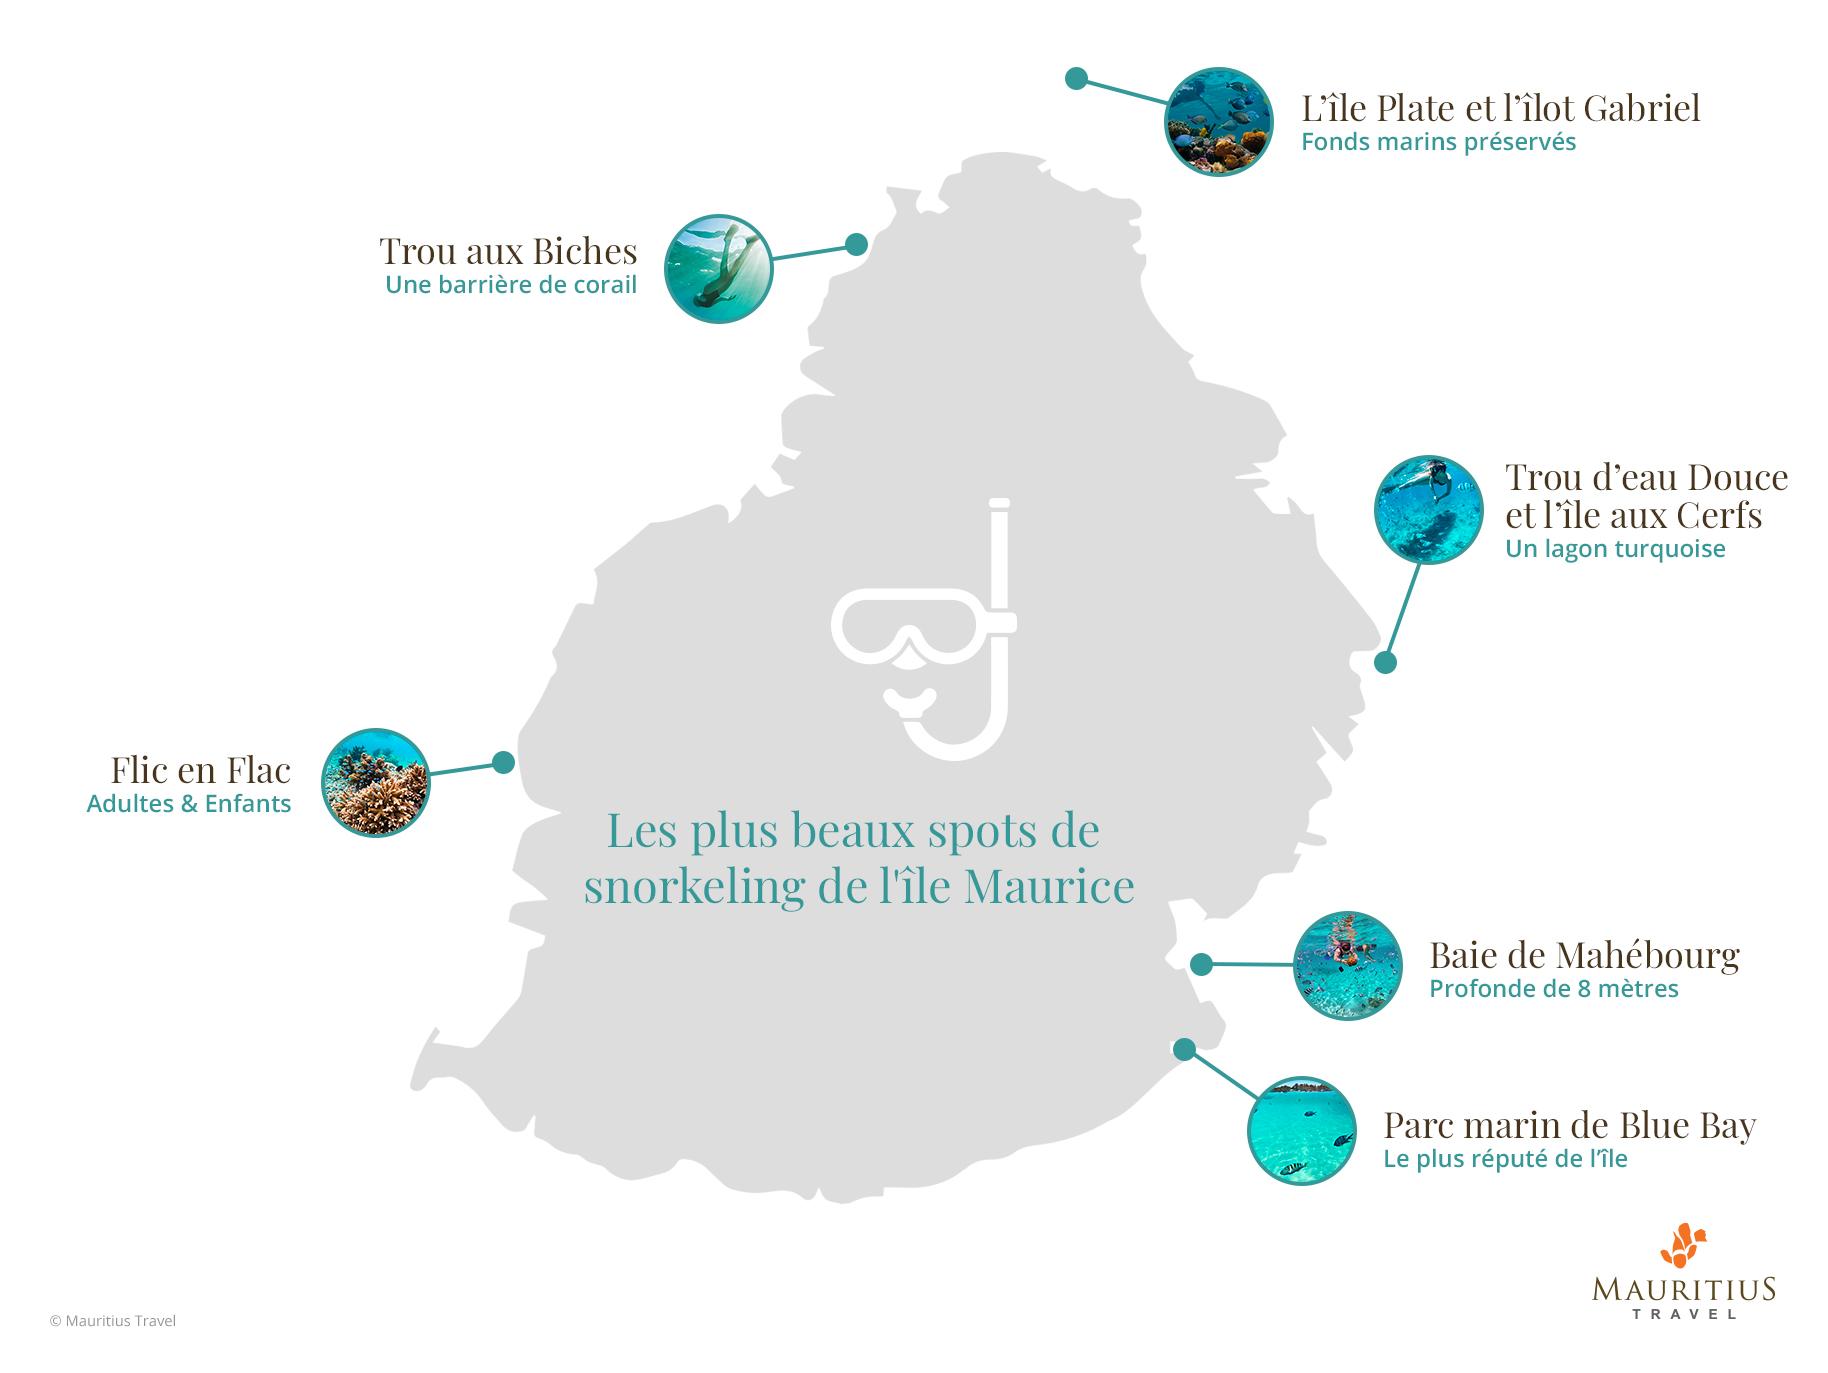 Carte des plus beaux spots de snorkeling de l'Île Maurice